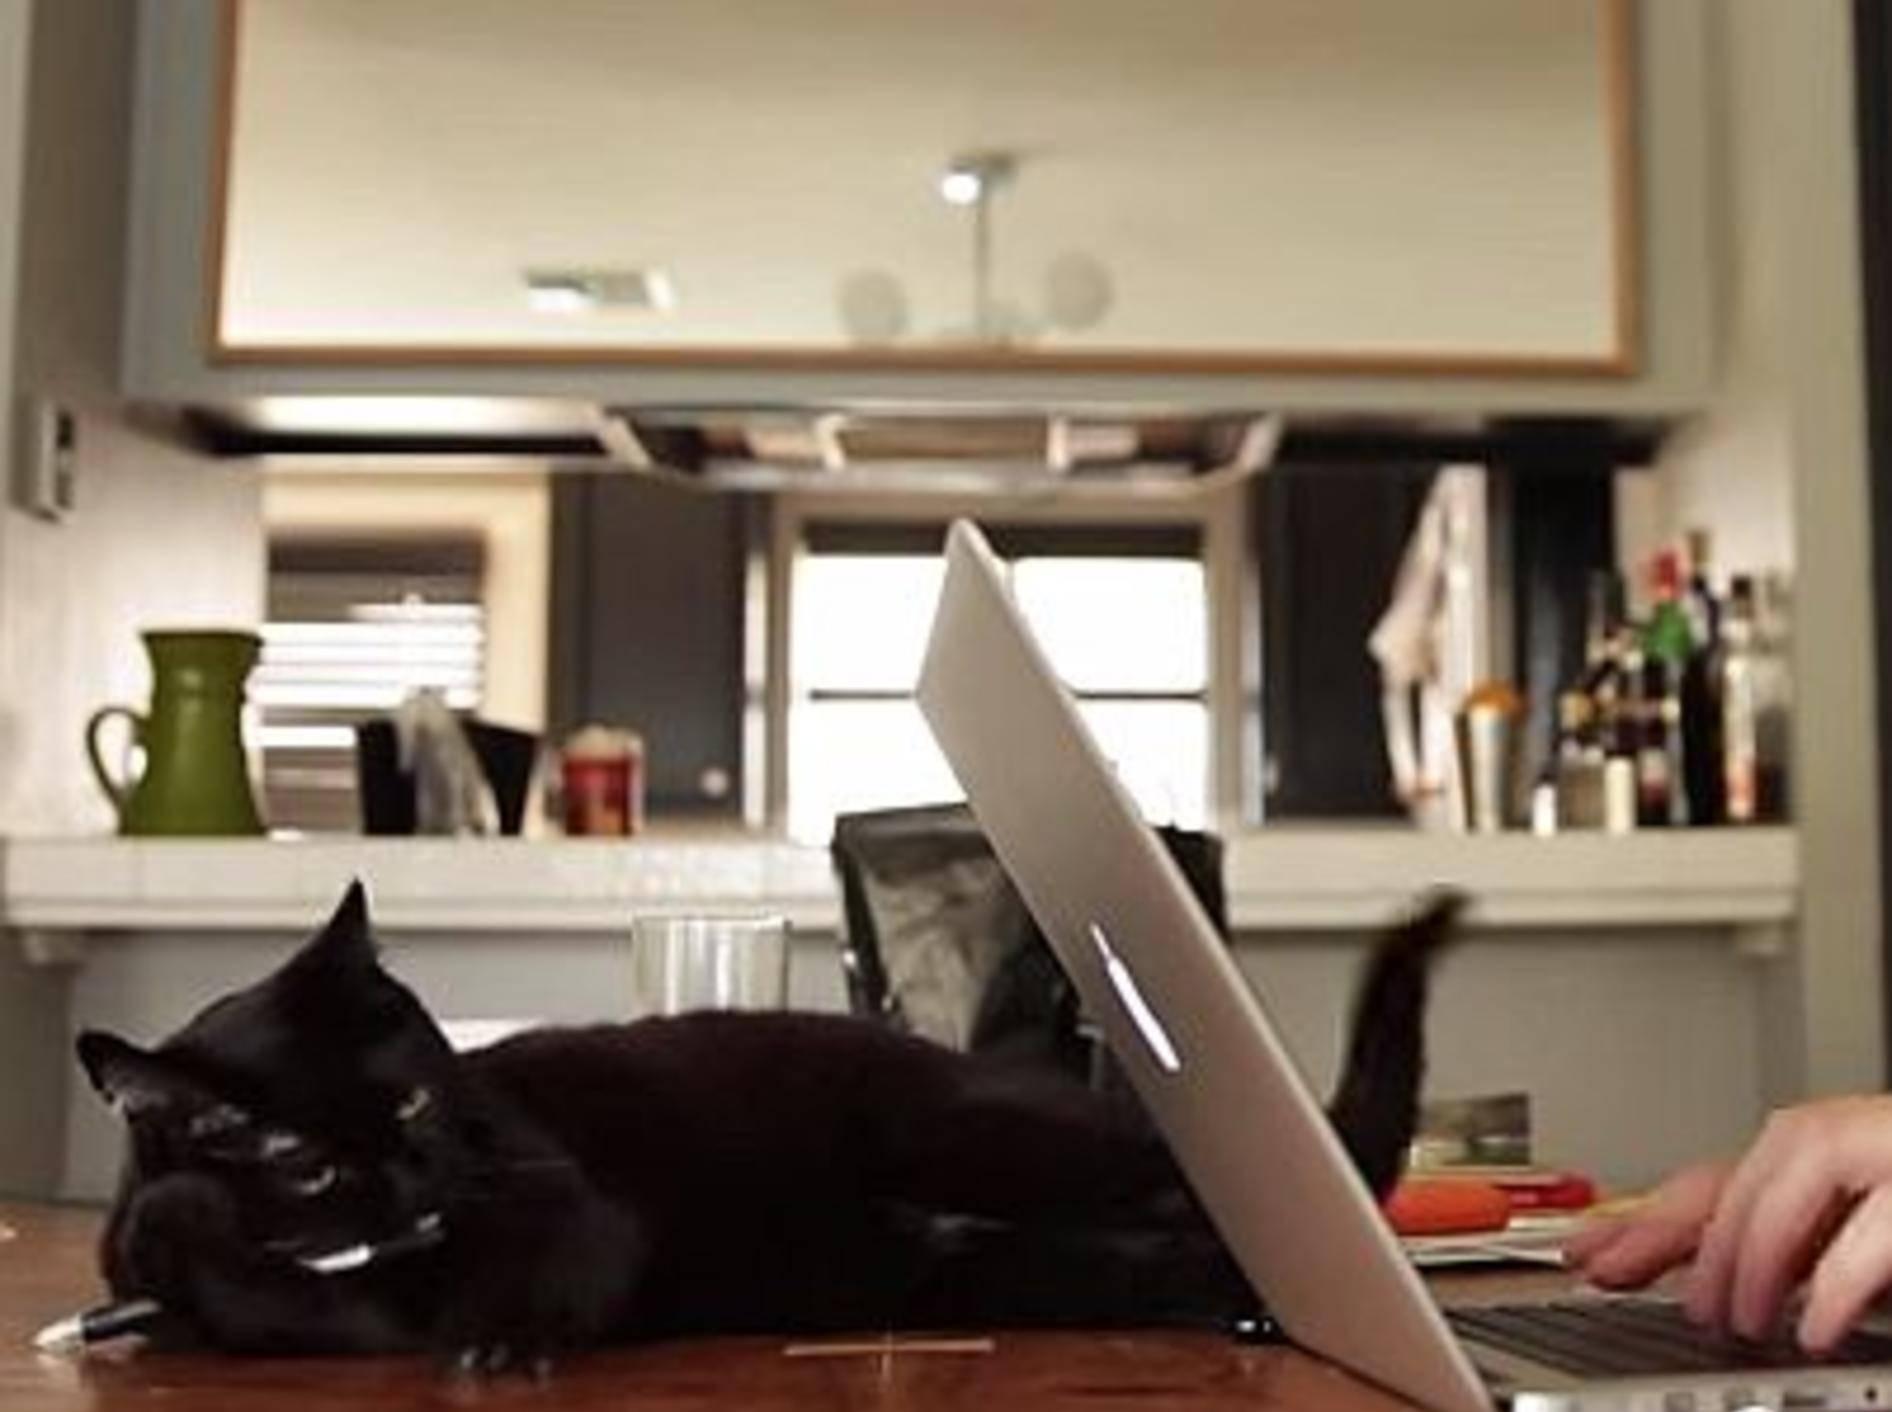 Vor und nach dem Katzenkauf – Bild: Youtube / BuzzFeedVideo